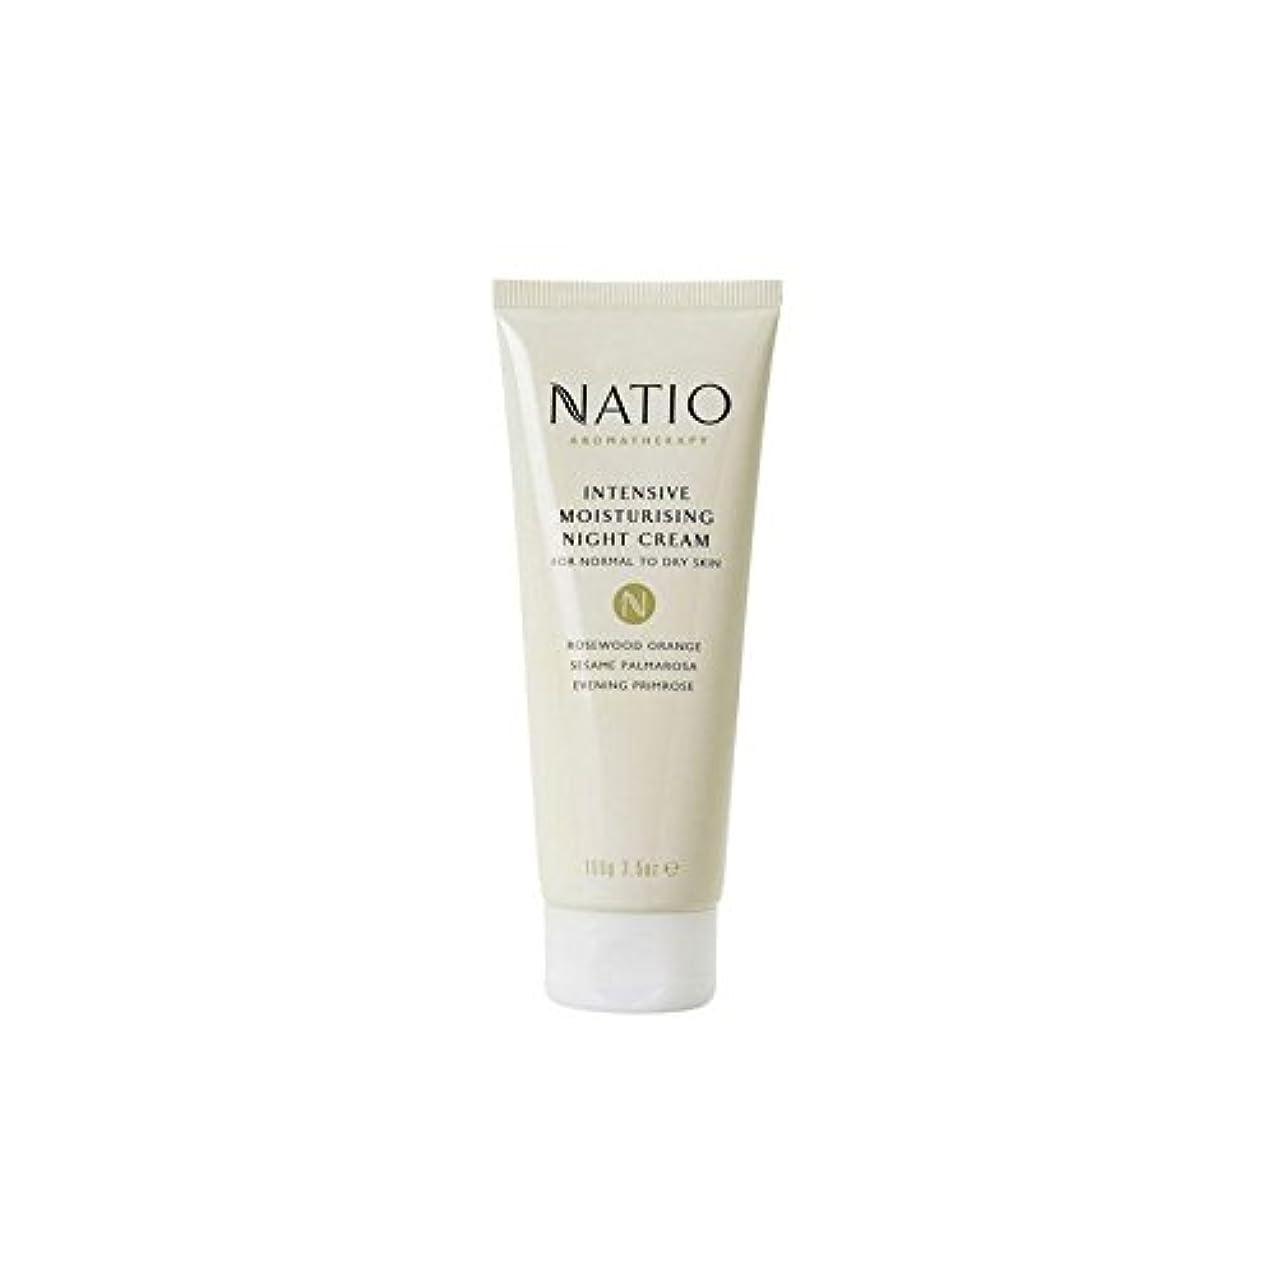 キャリッジ農民自信があるNatio Intensive Moisturising Night Cream (100G) (Pack of 6) - 集中的な保湿ナイトクリーム(100グラム) x6 [並行輸入品]